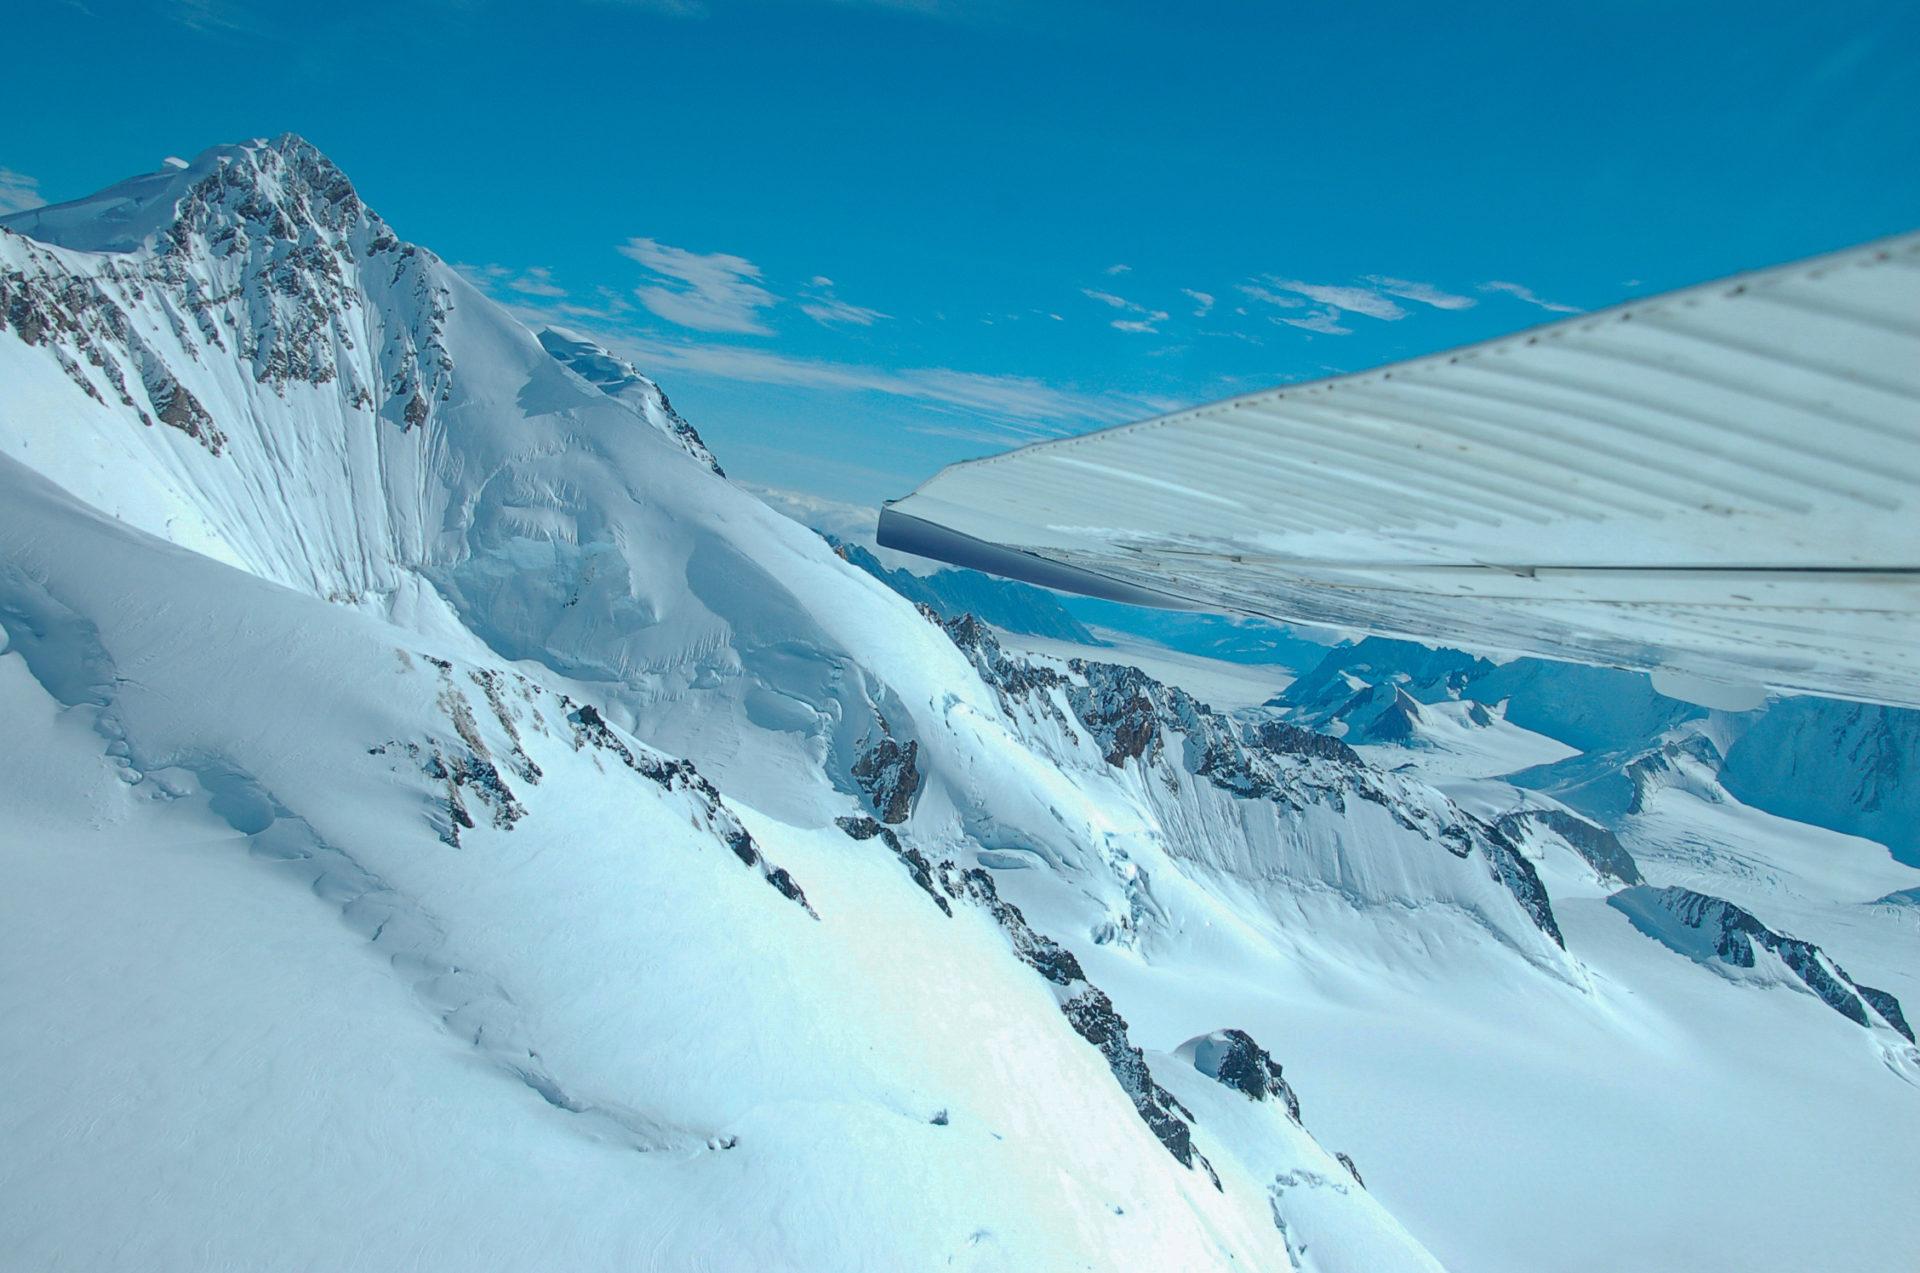 Hochgebirge in den kanadischen Rockies mit Tragfläche eines Sportflugzeugs